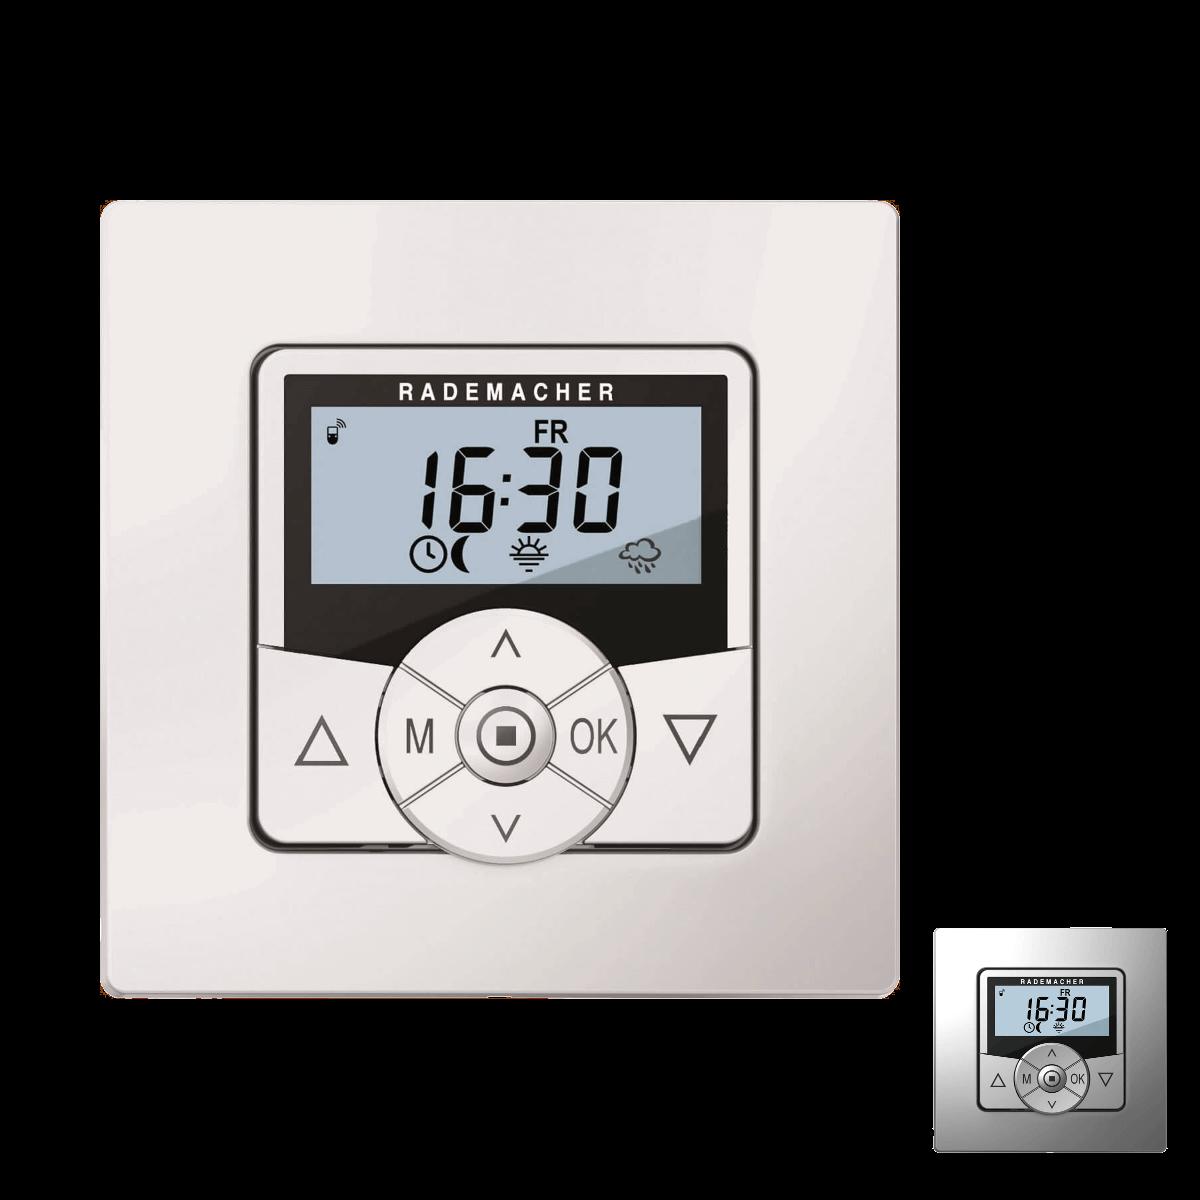 Rademacher Funksteuerung Hometimer alu oder weiß mit Display, DuoFern-Funk